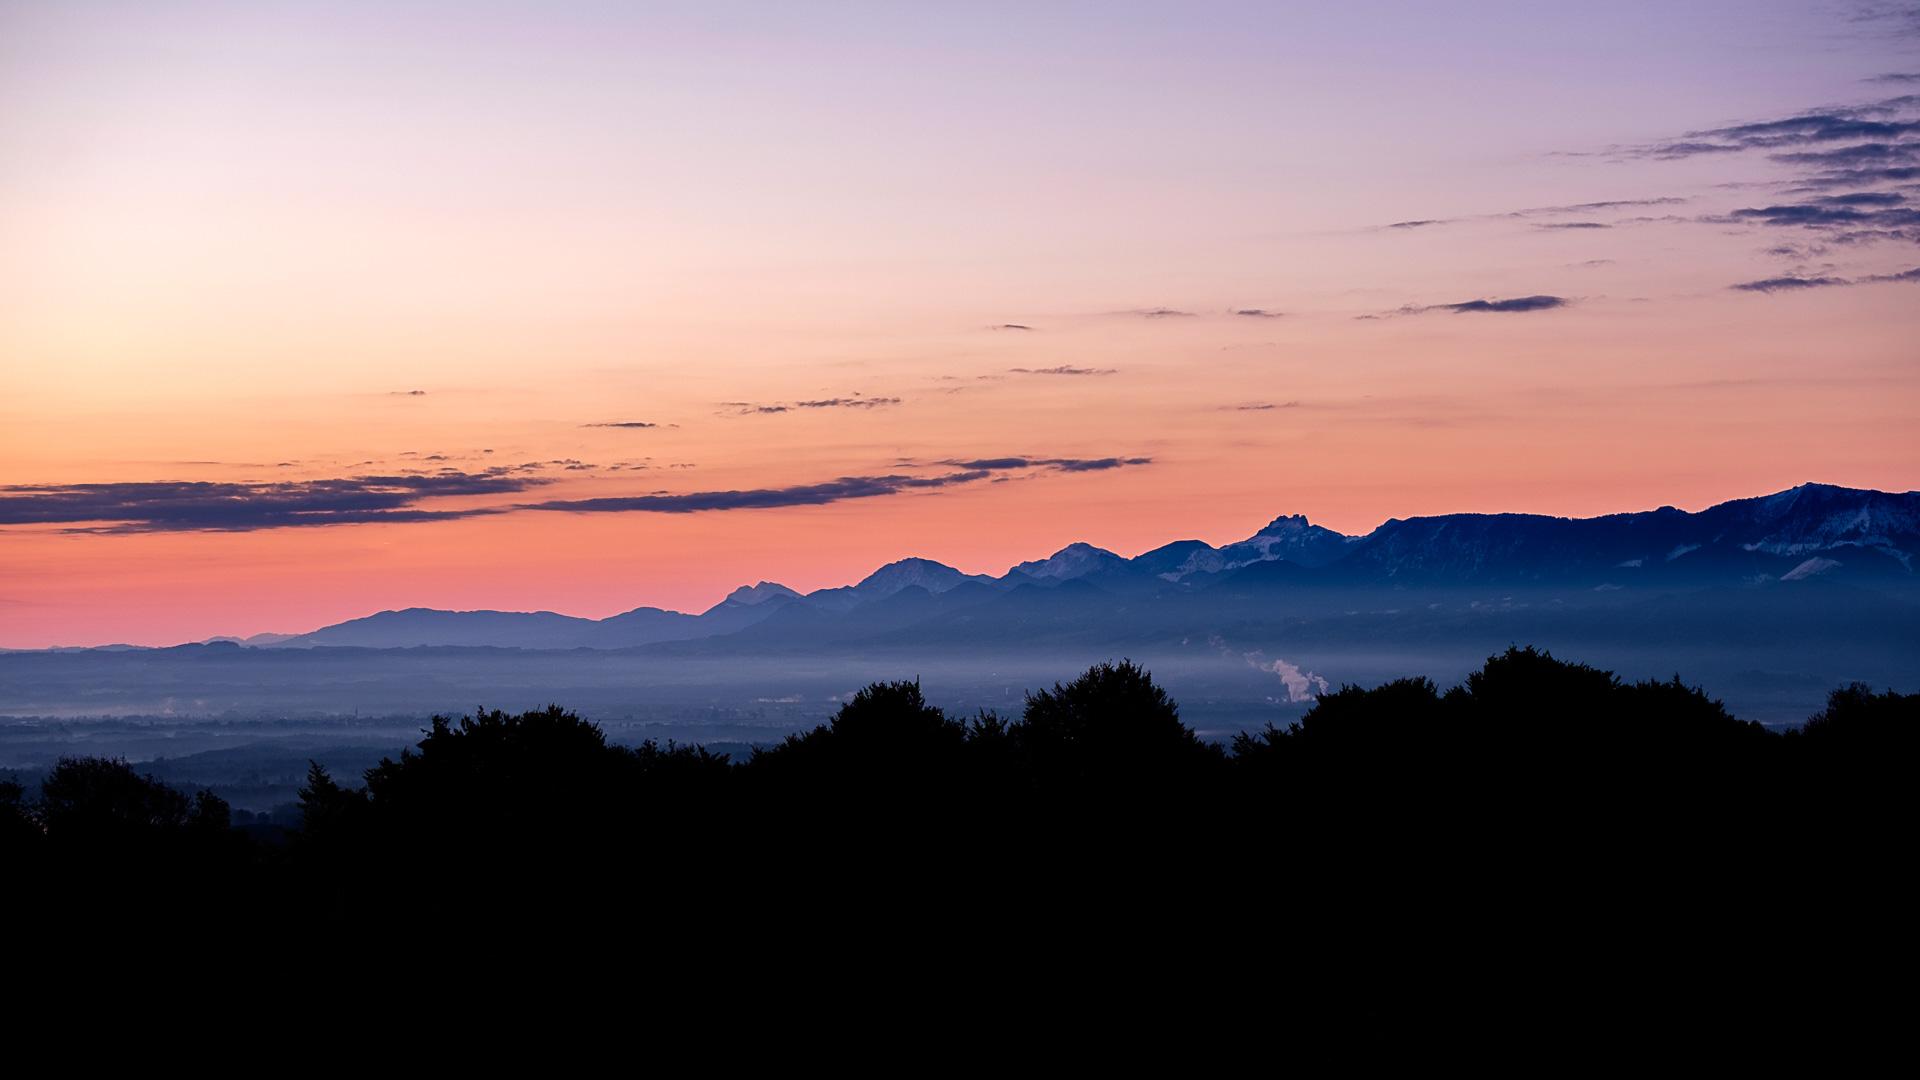 Mangfalltal und die Berge | Fotodienstag